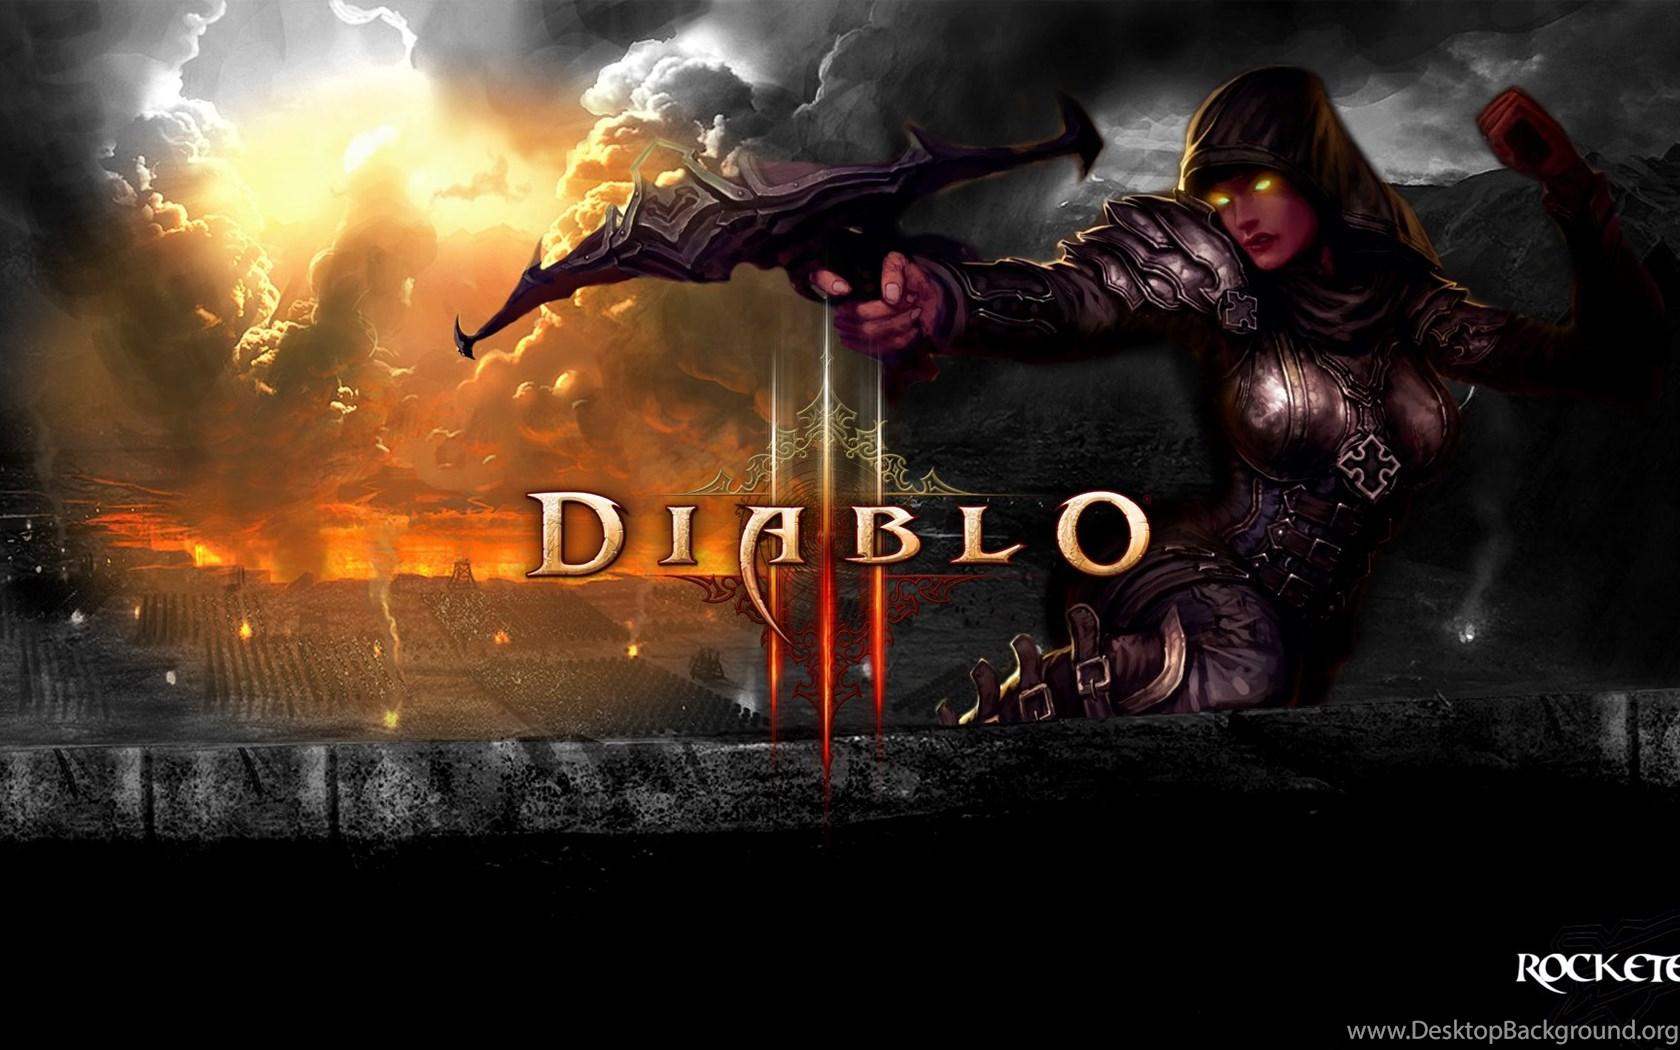 Diablo 3 Wallpapers 1920x1080 Demon Hunter Desktop Background